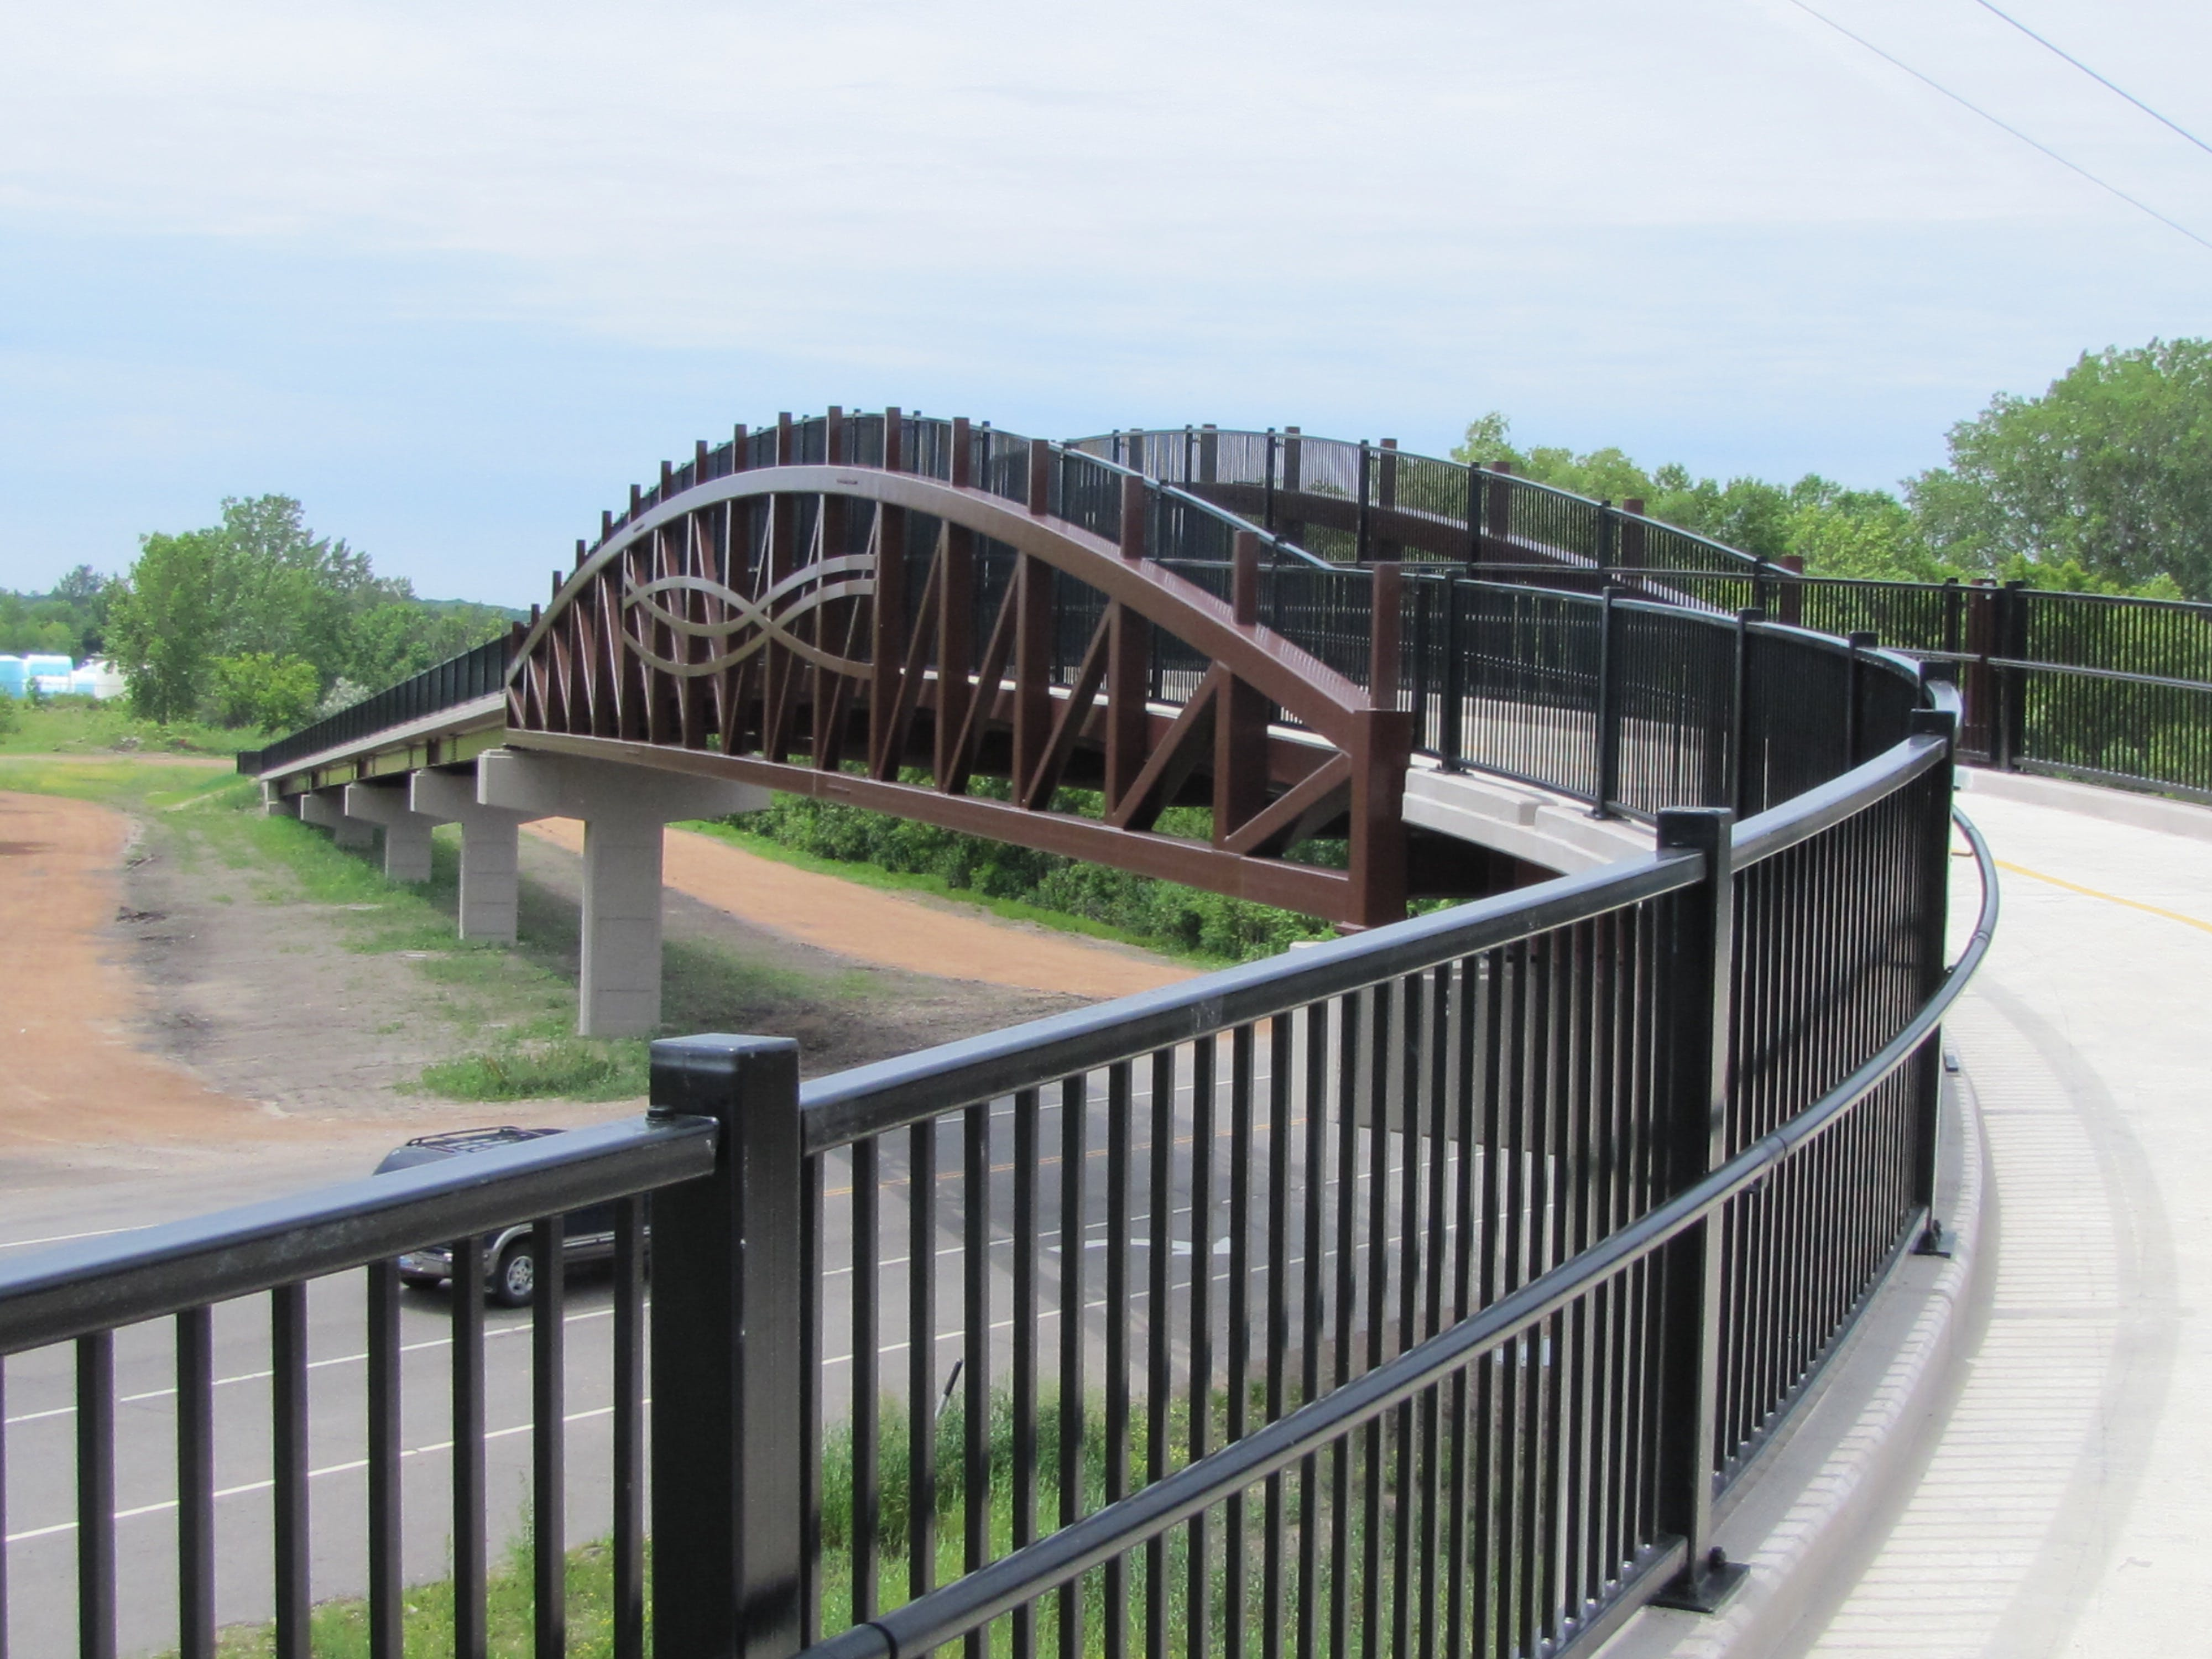 20110617 St Boni TH 7 bridge 004.jpg